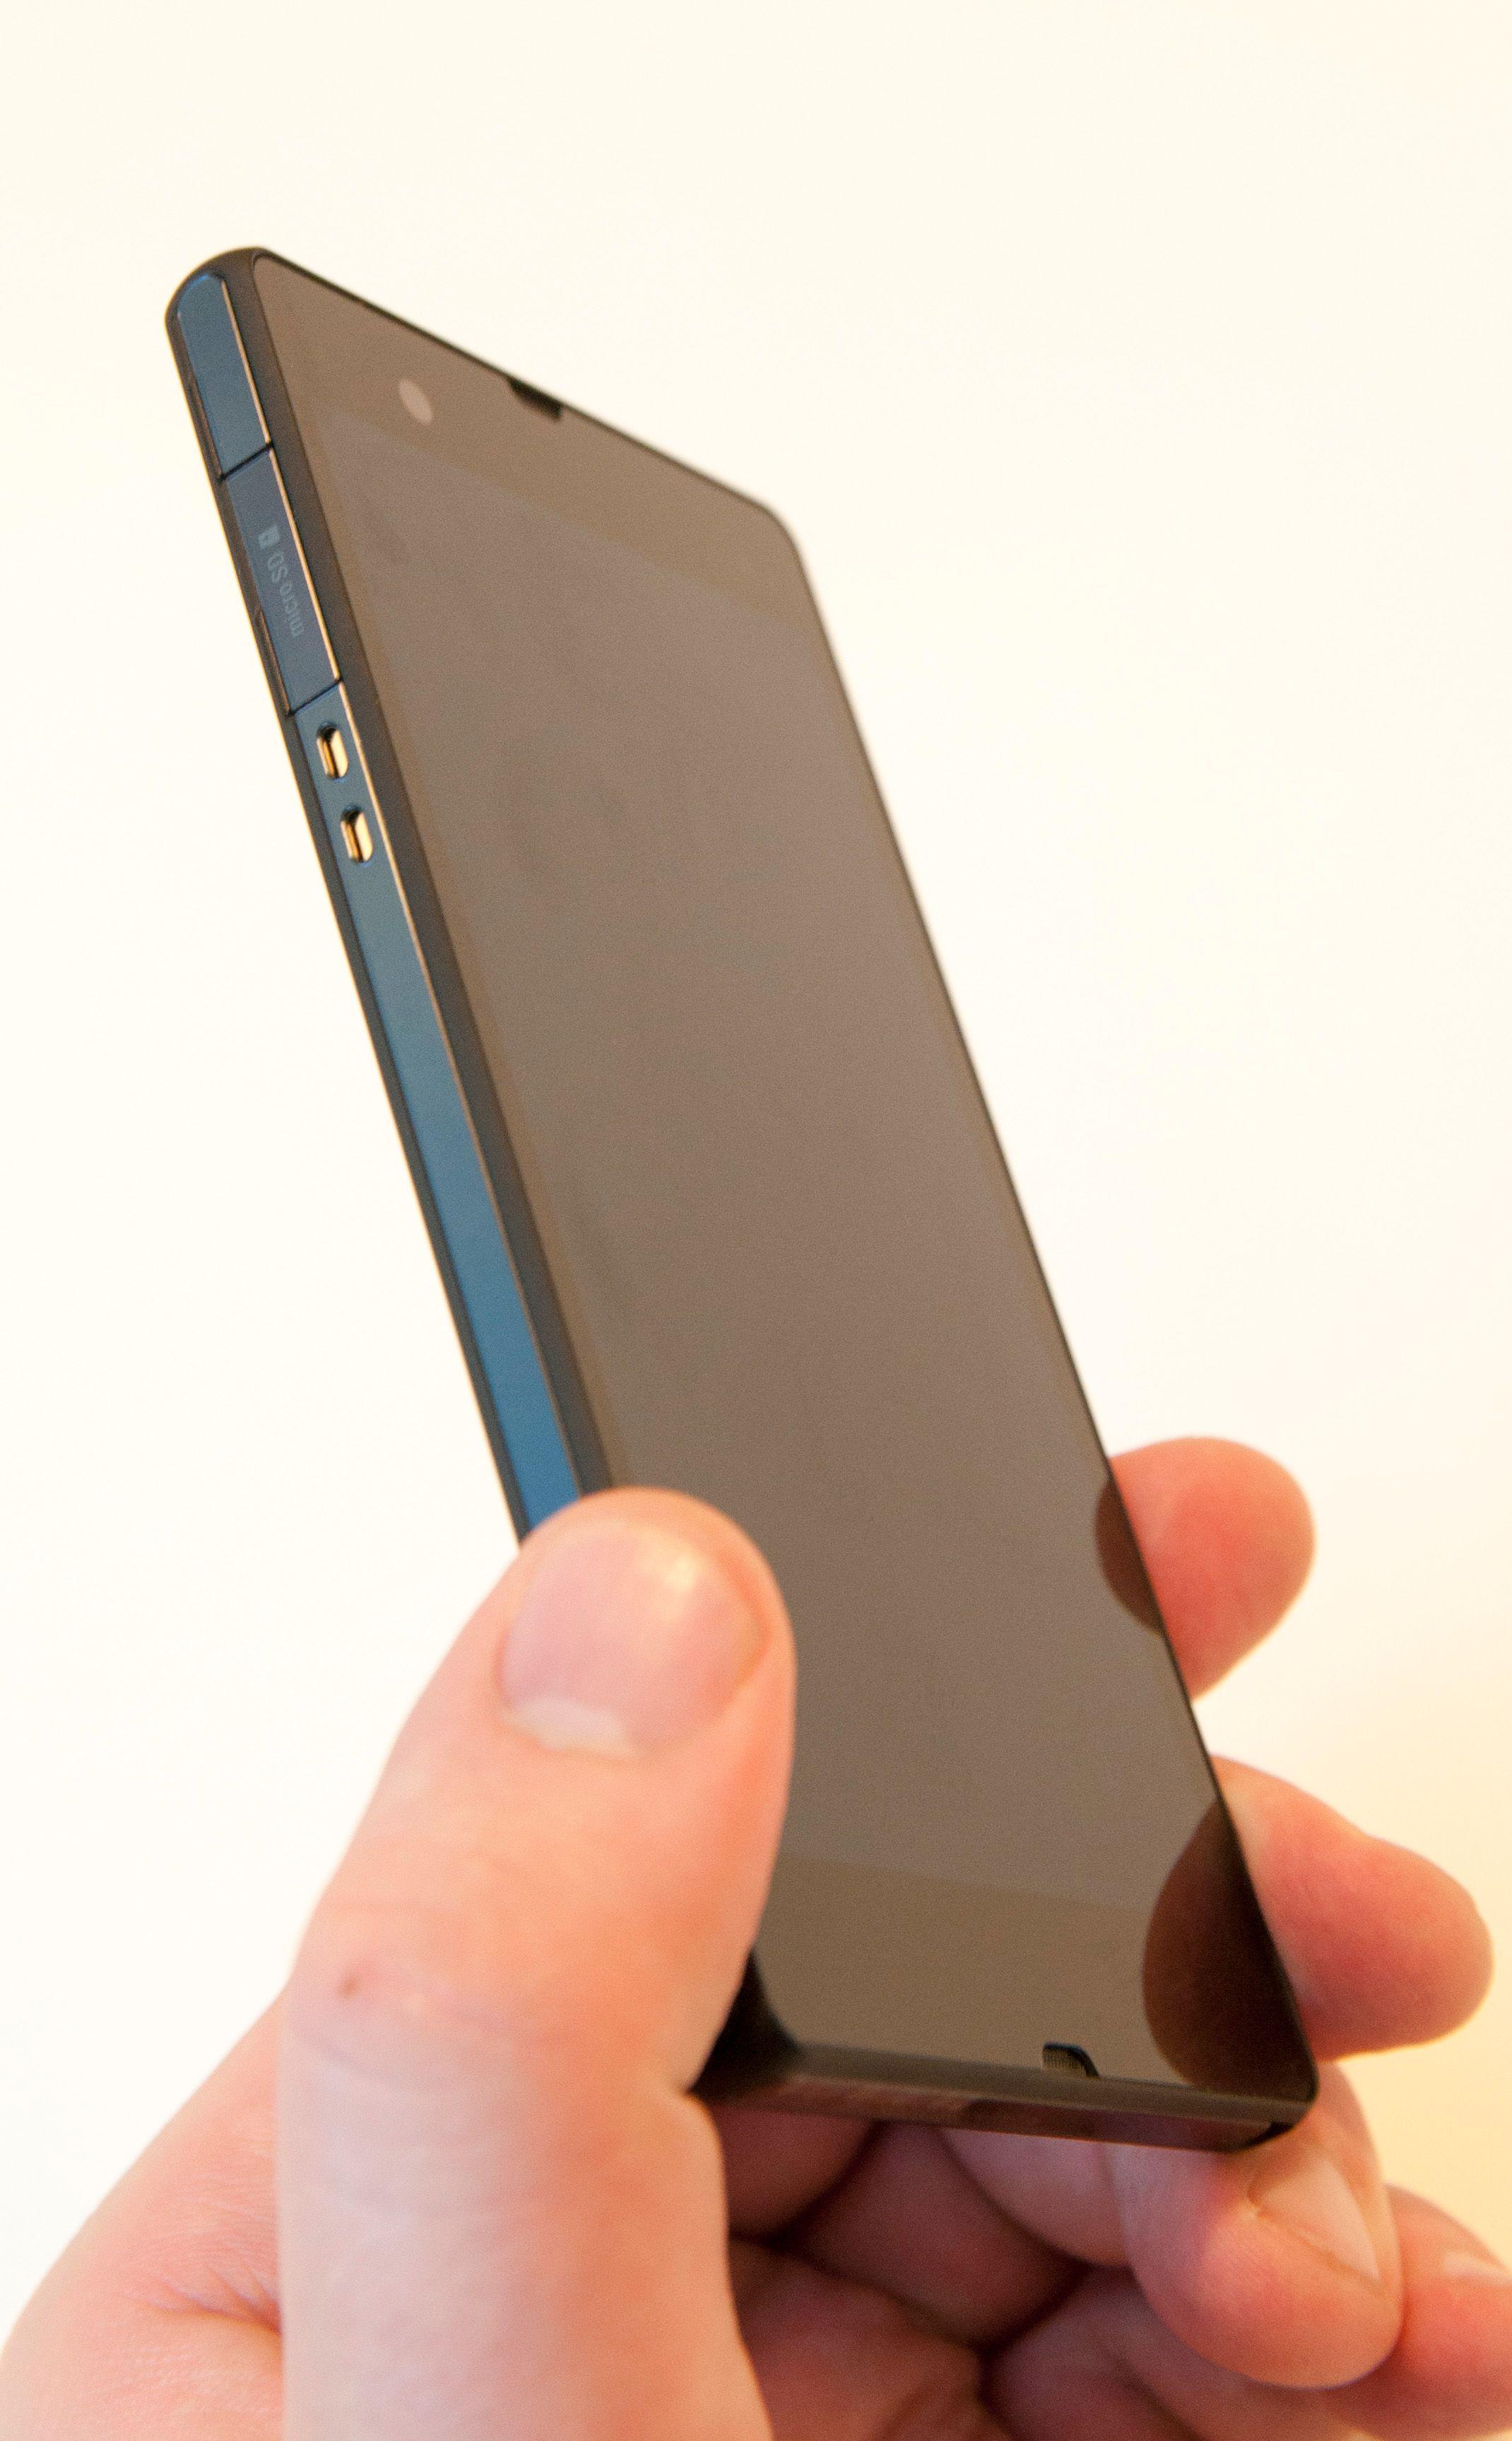 Øverst; luker for Micro-USB og SIM-kort. Rett under ligger kontaktpunktene for lading i den medfølgende krybben.Foto: Finn Jarle Kvalheim, Amobil.no